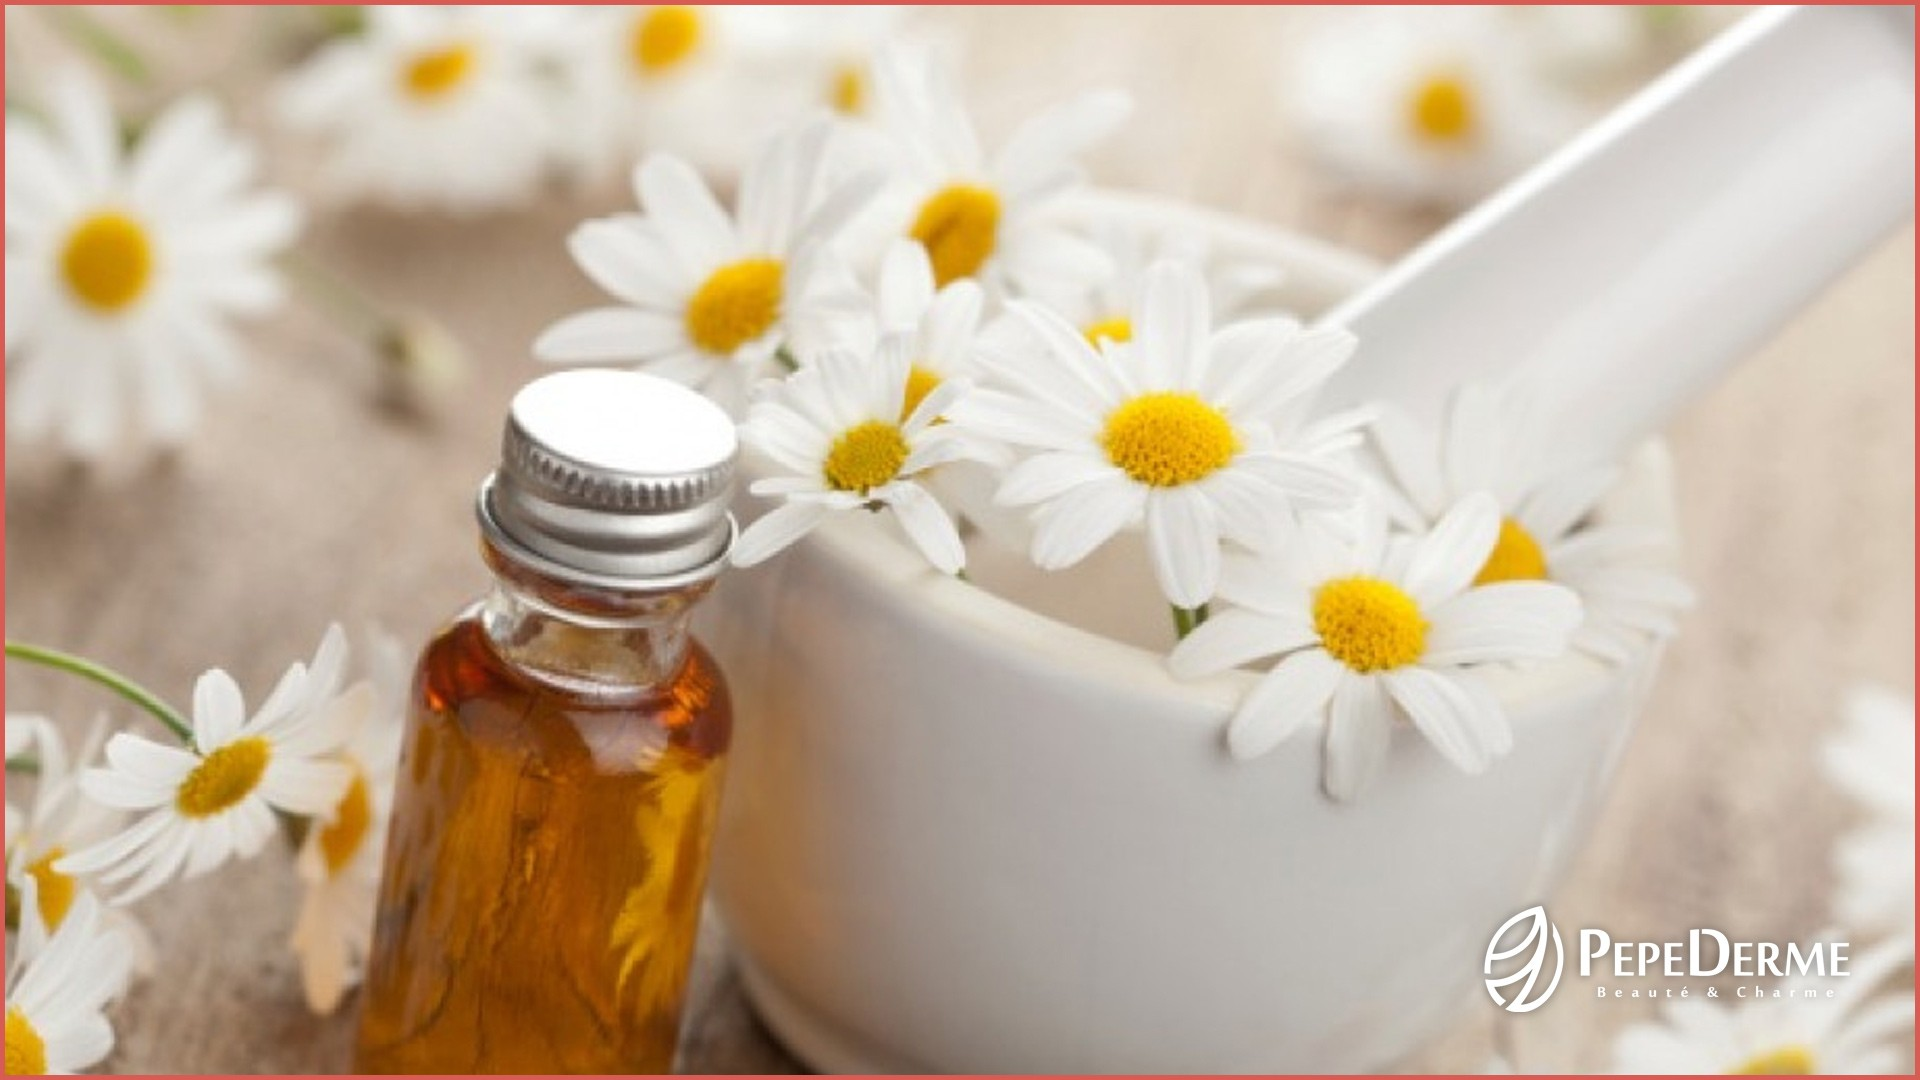 Jak efektivně používat kosmetické oleje?